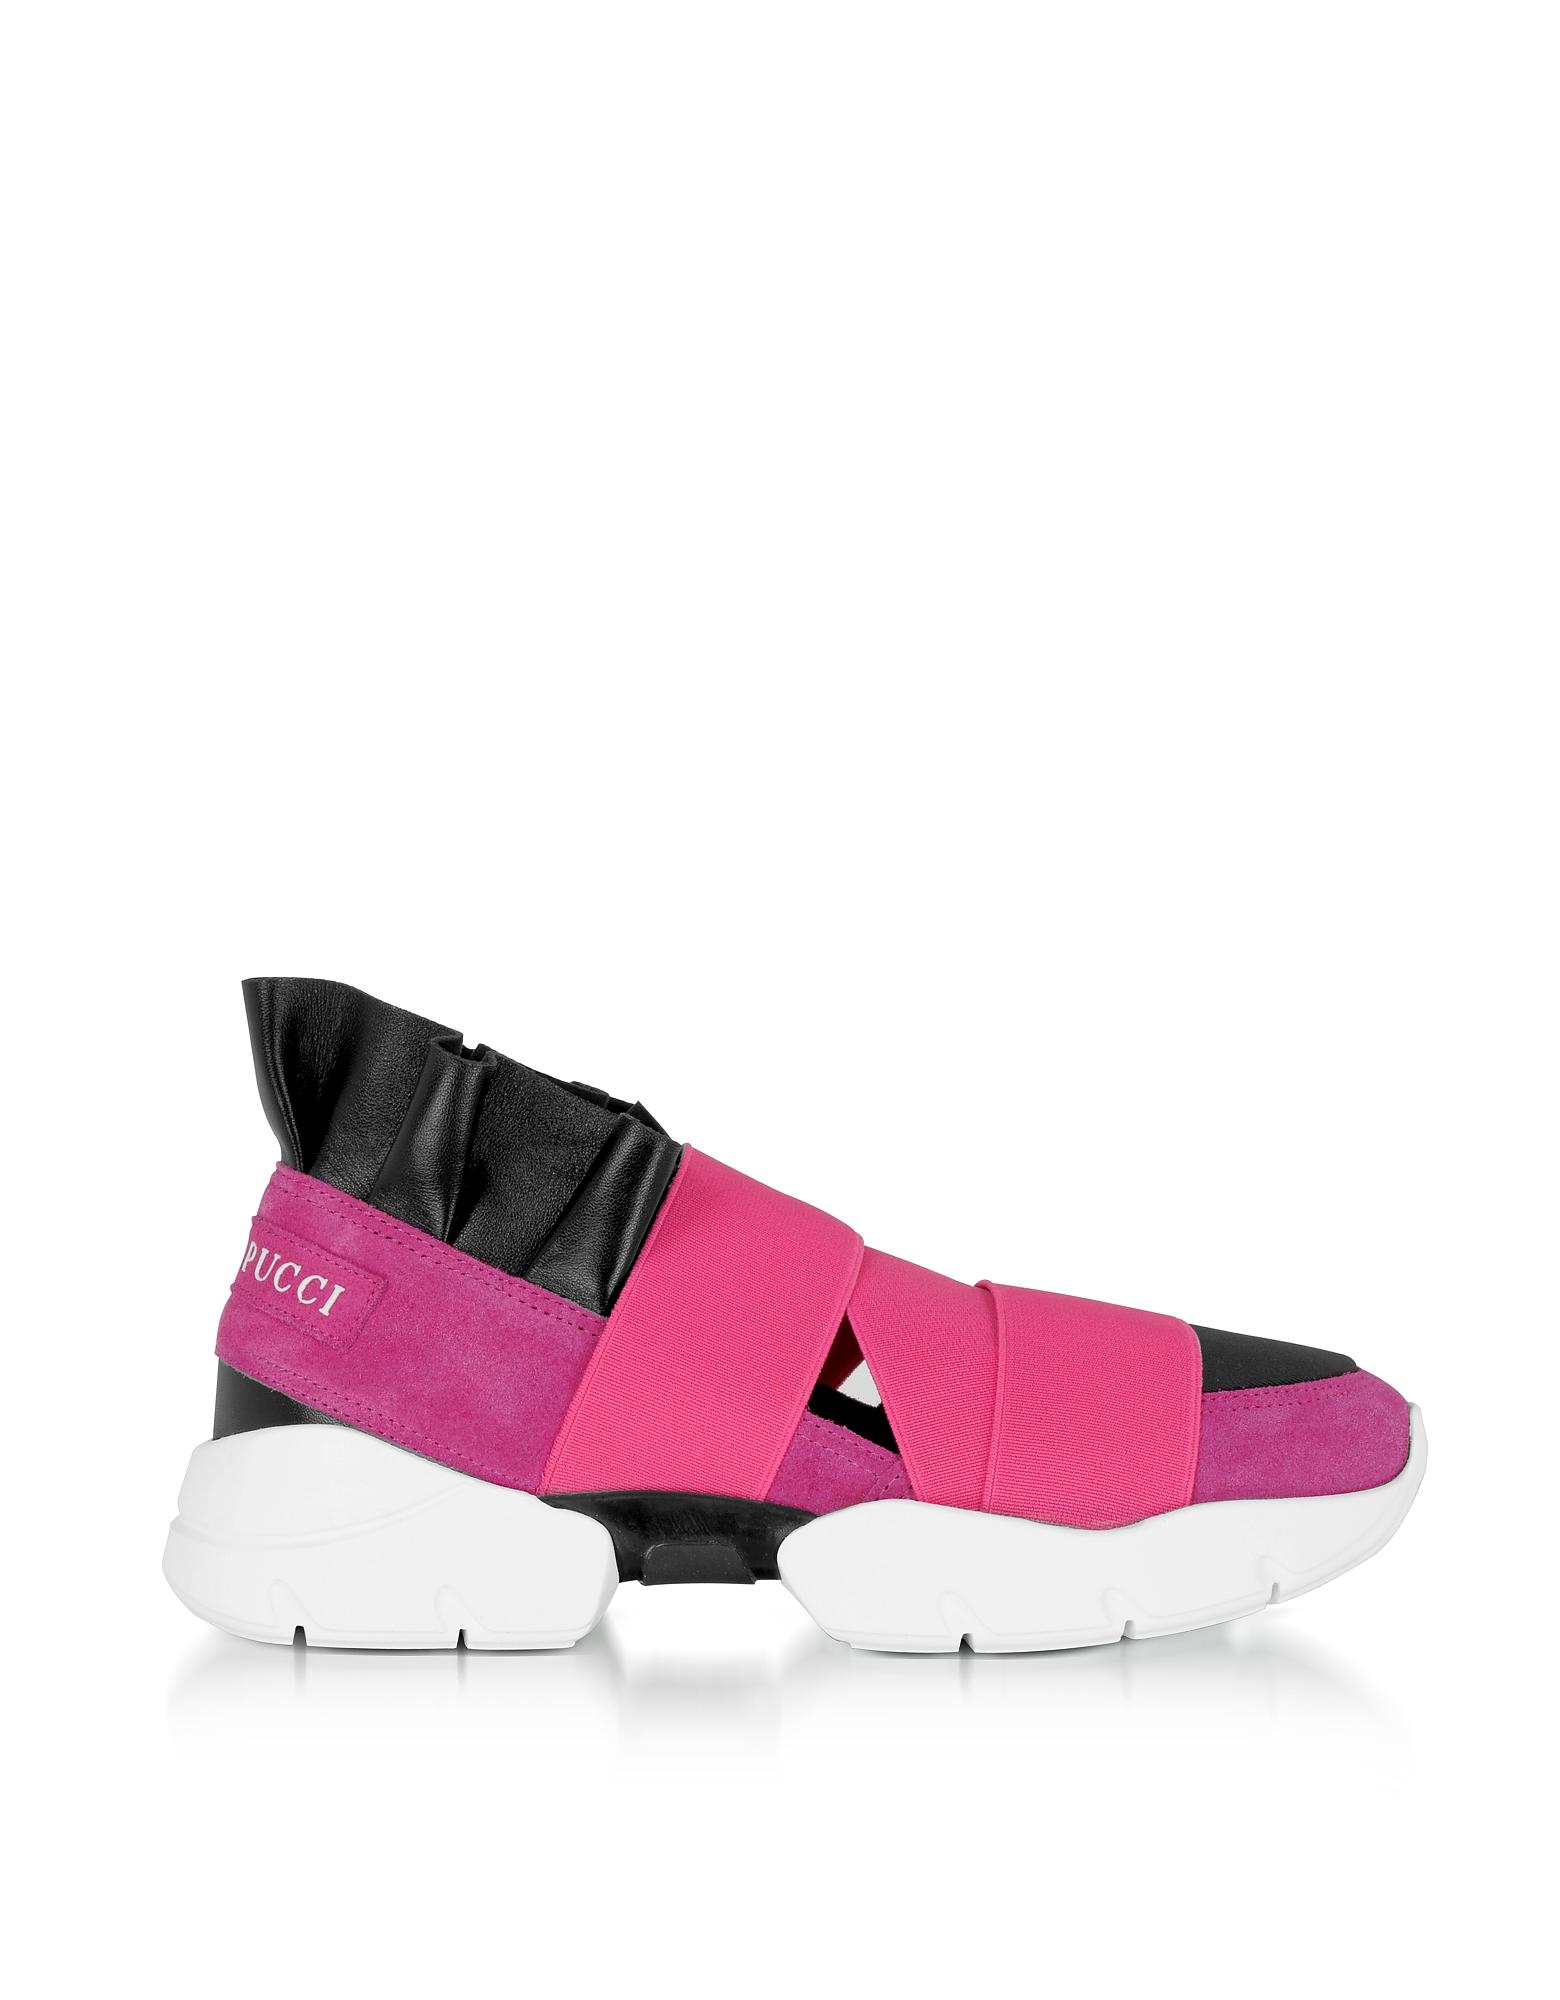 Emilio Pucci Shoes, Geranio Pink Suede Sneakers